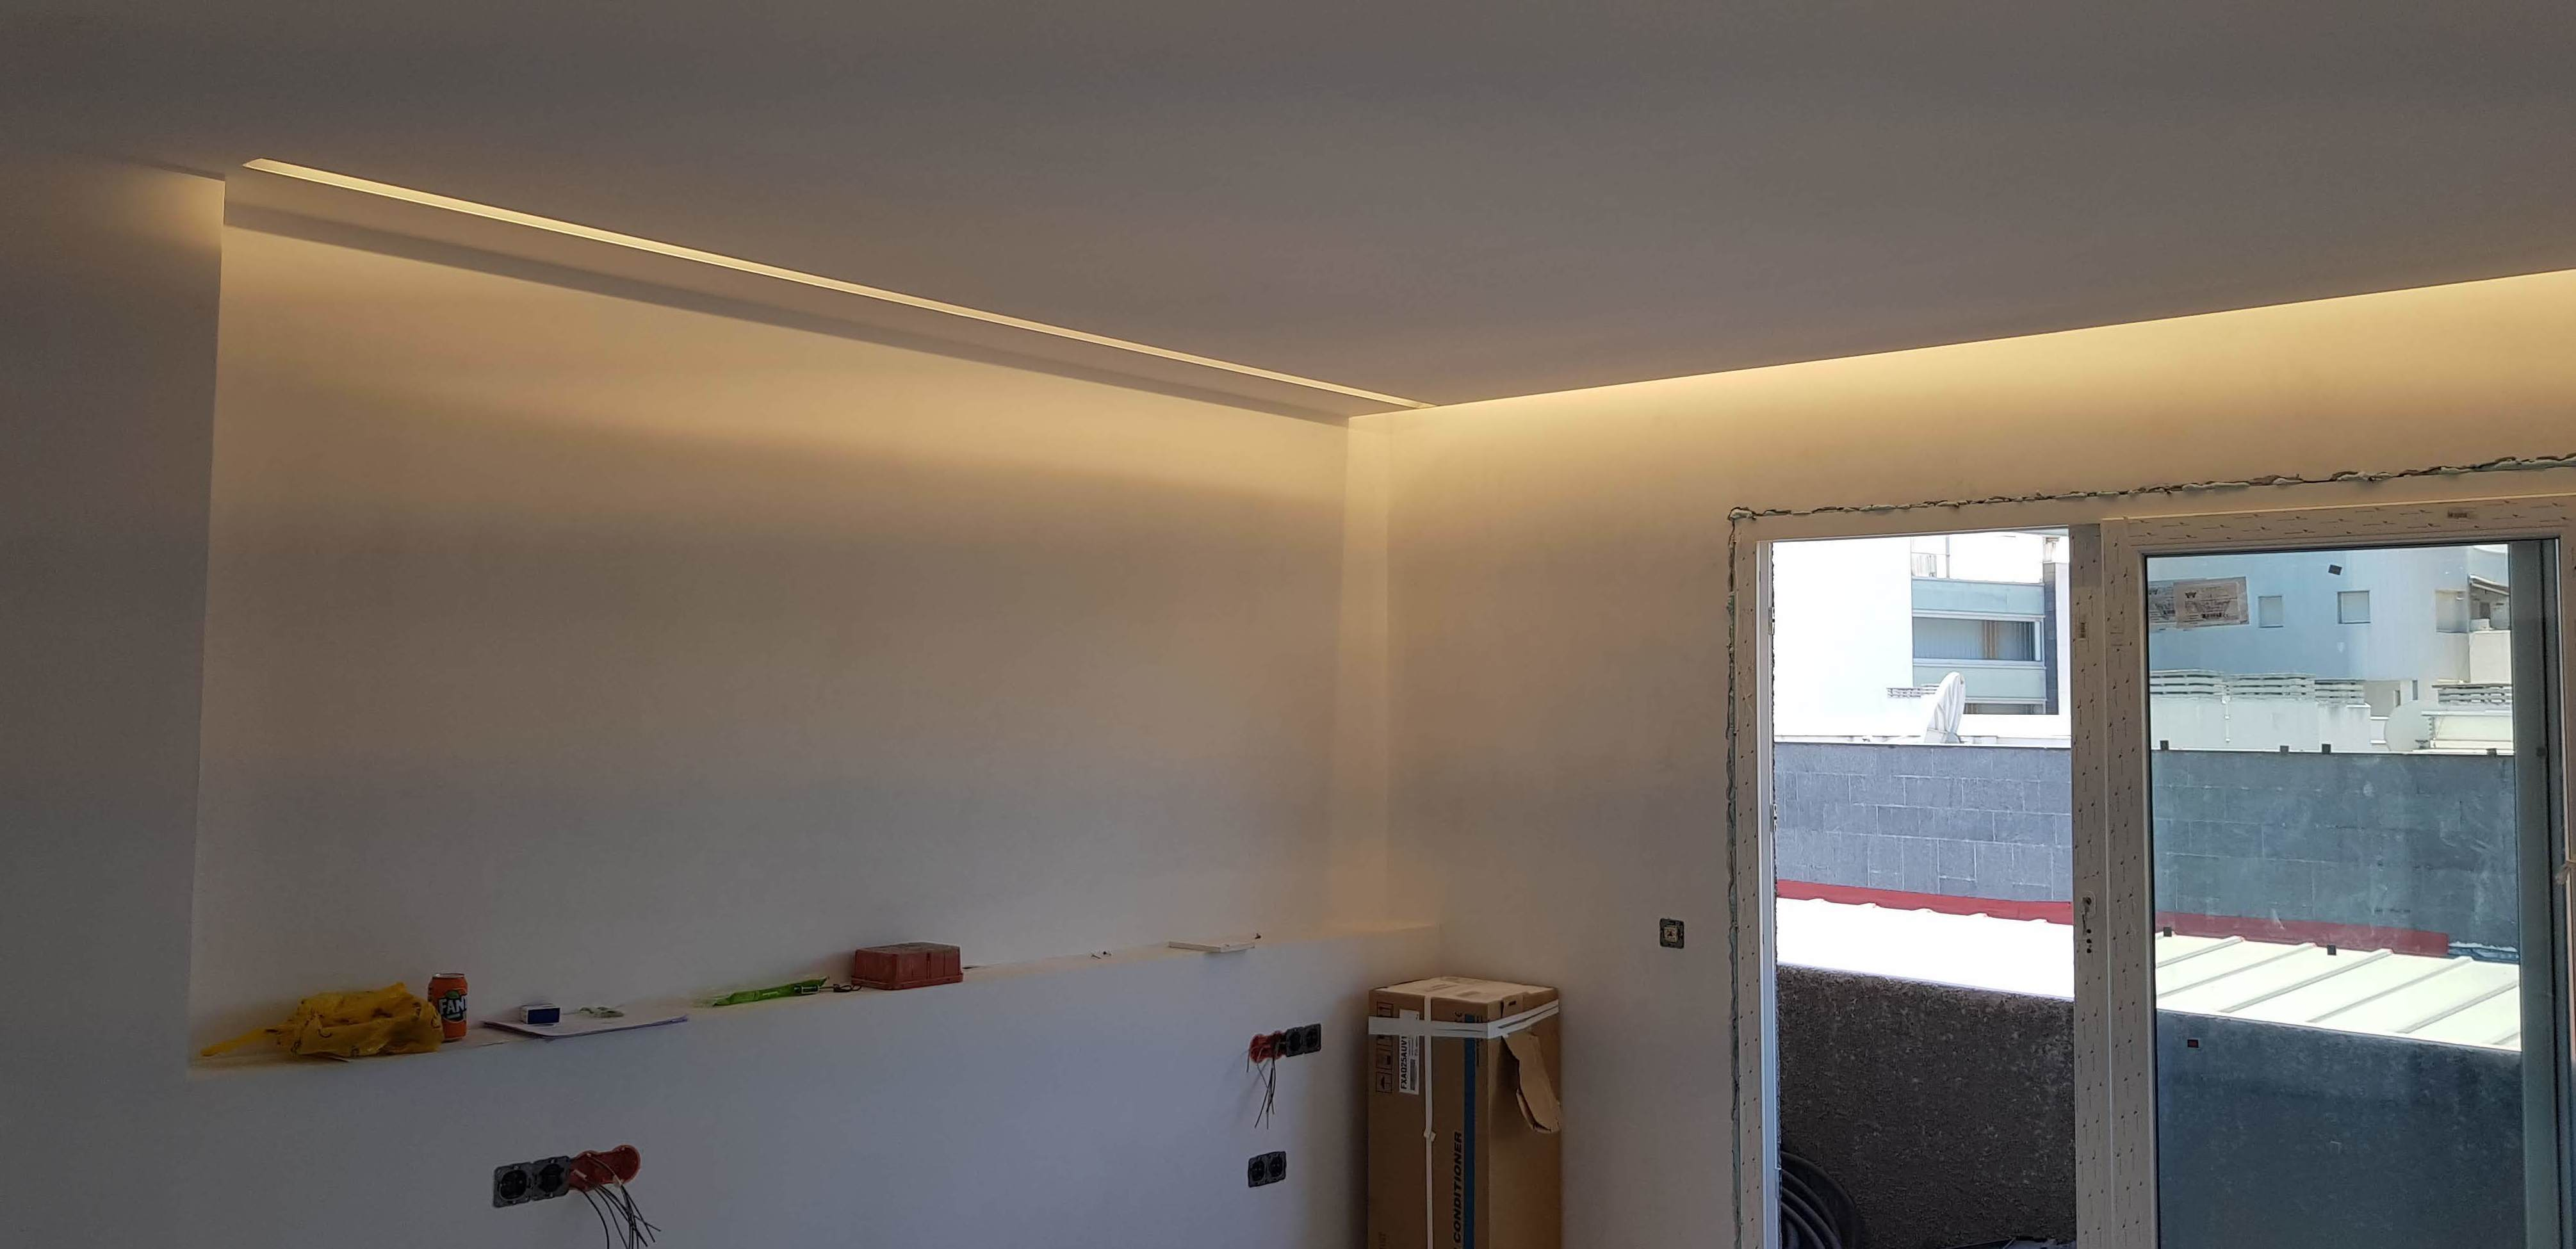 luz en habitacion